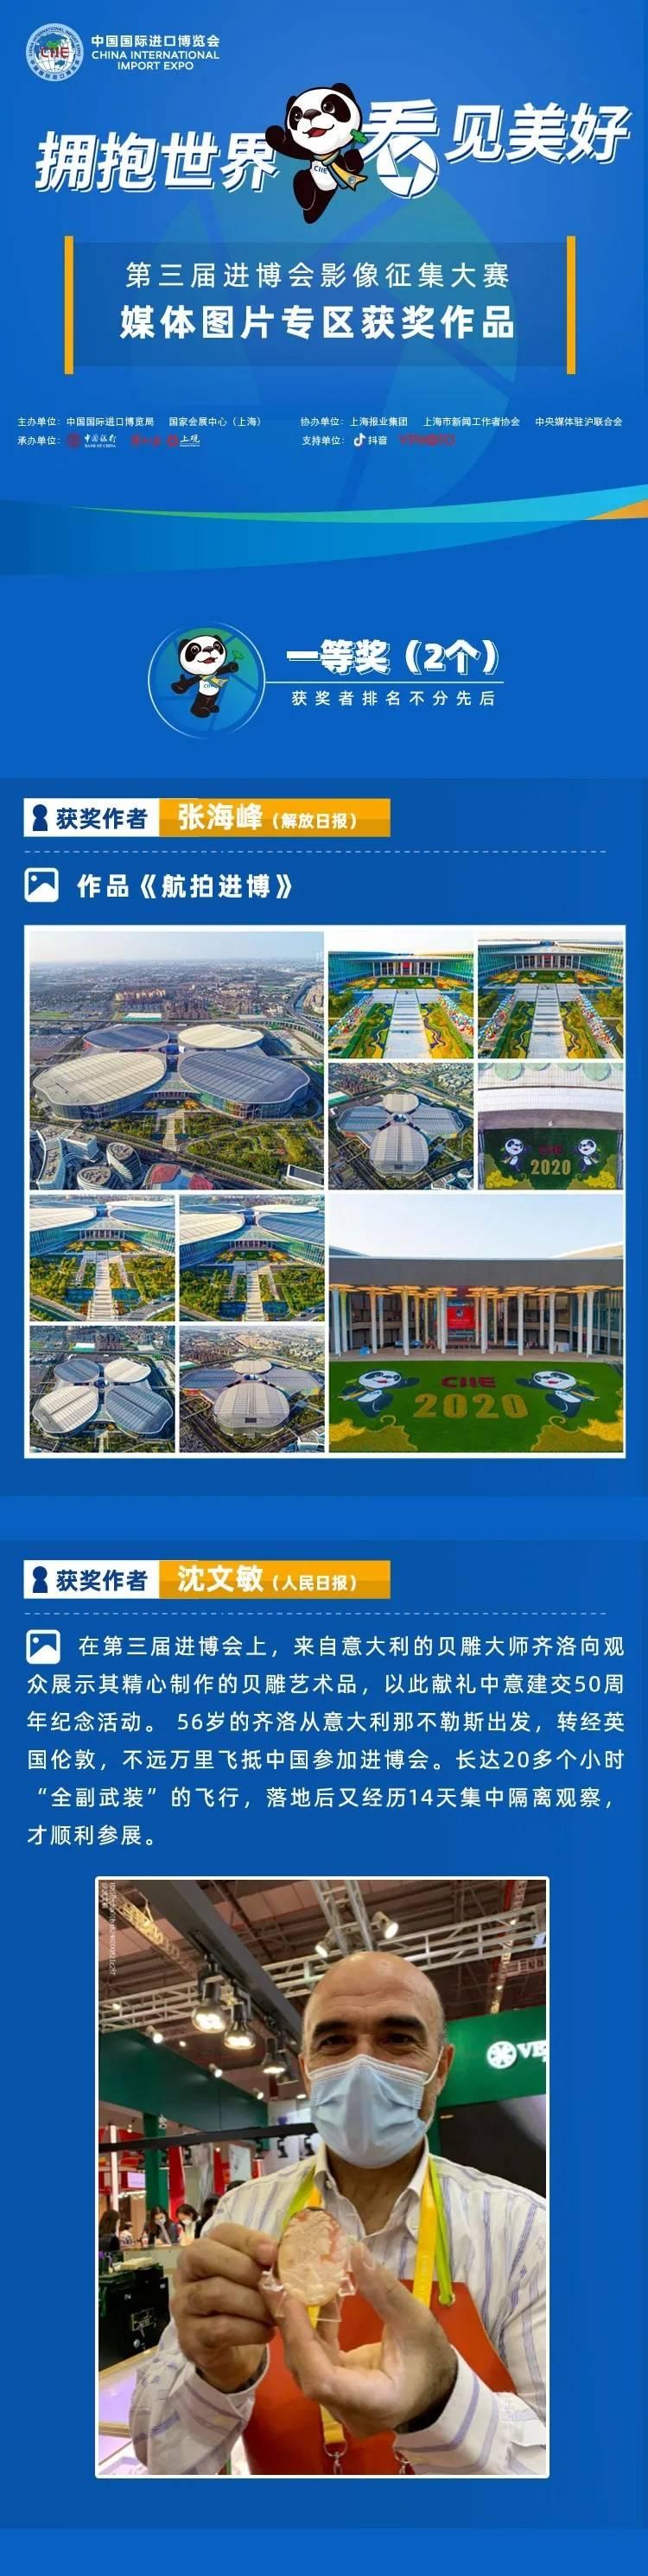 第三届进博会影像征集活动获奖名单公布,东方网两项作品上榜